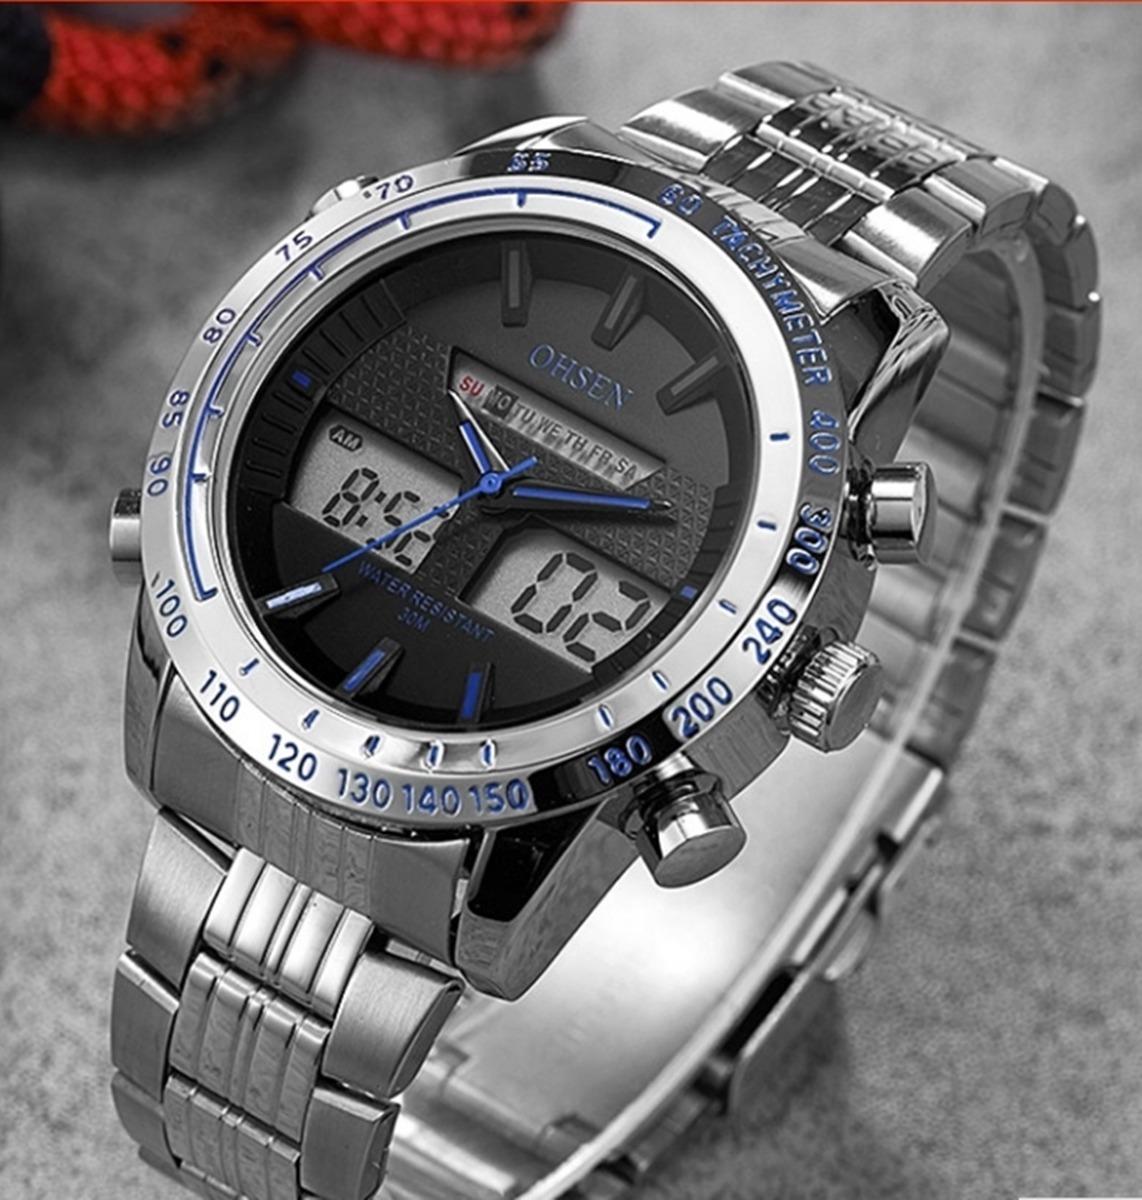 bc2b052ae62 relógio masculino de pulso ohsen ad1701 quartzo barato. Carregando zoom.